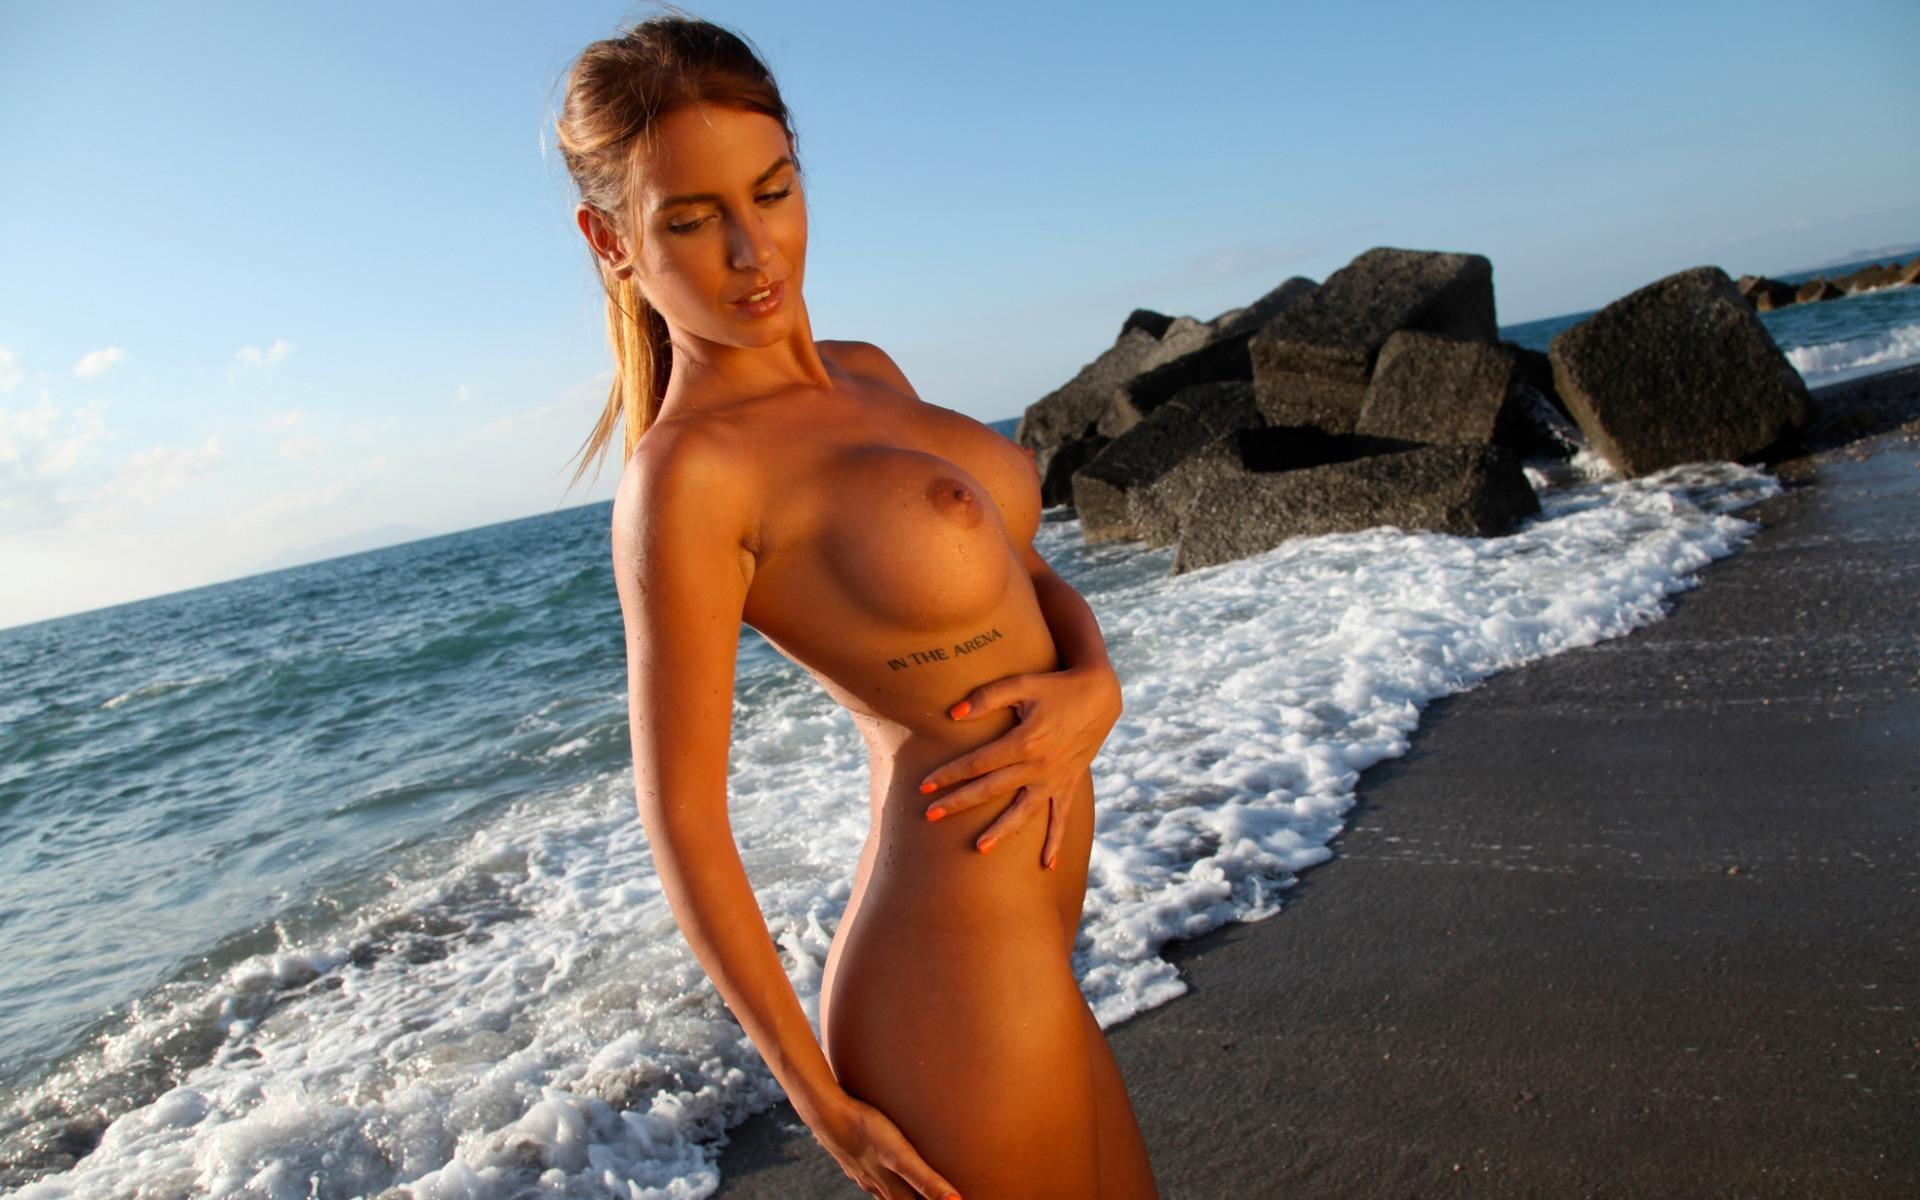 девки на пляже с голыми сиськами маленьких девочек